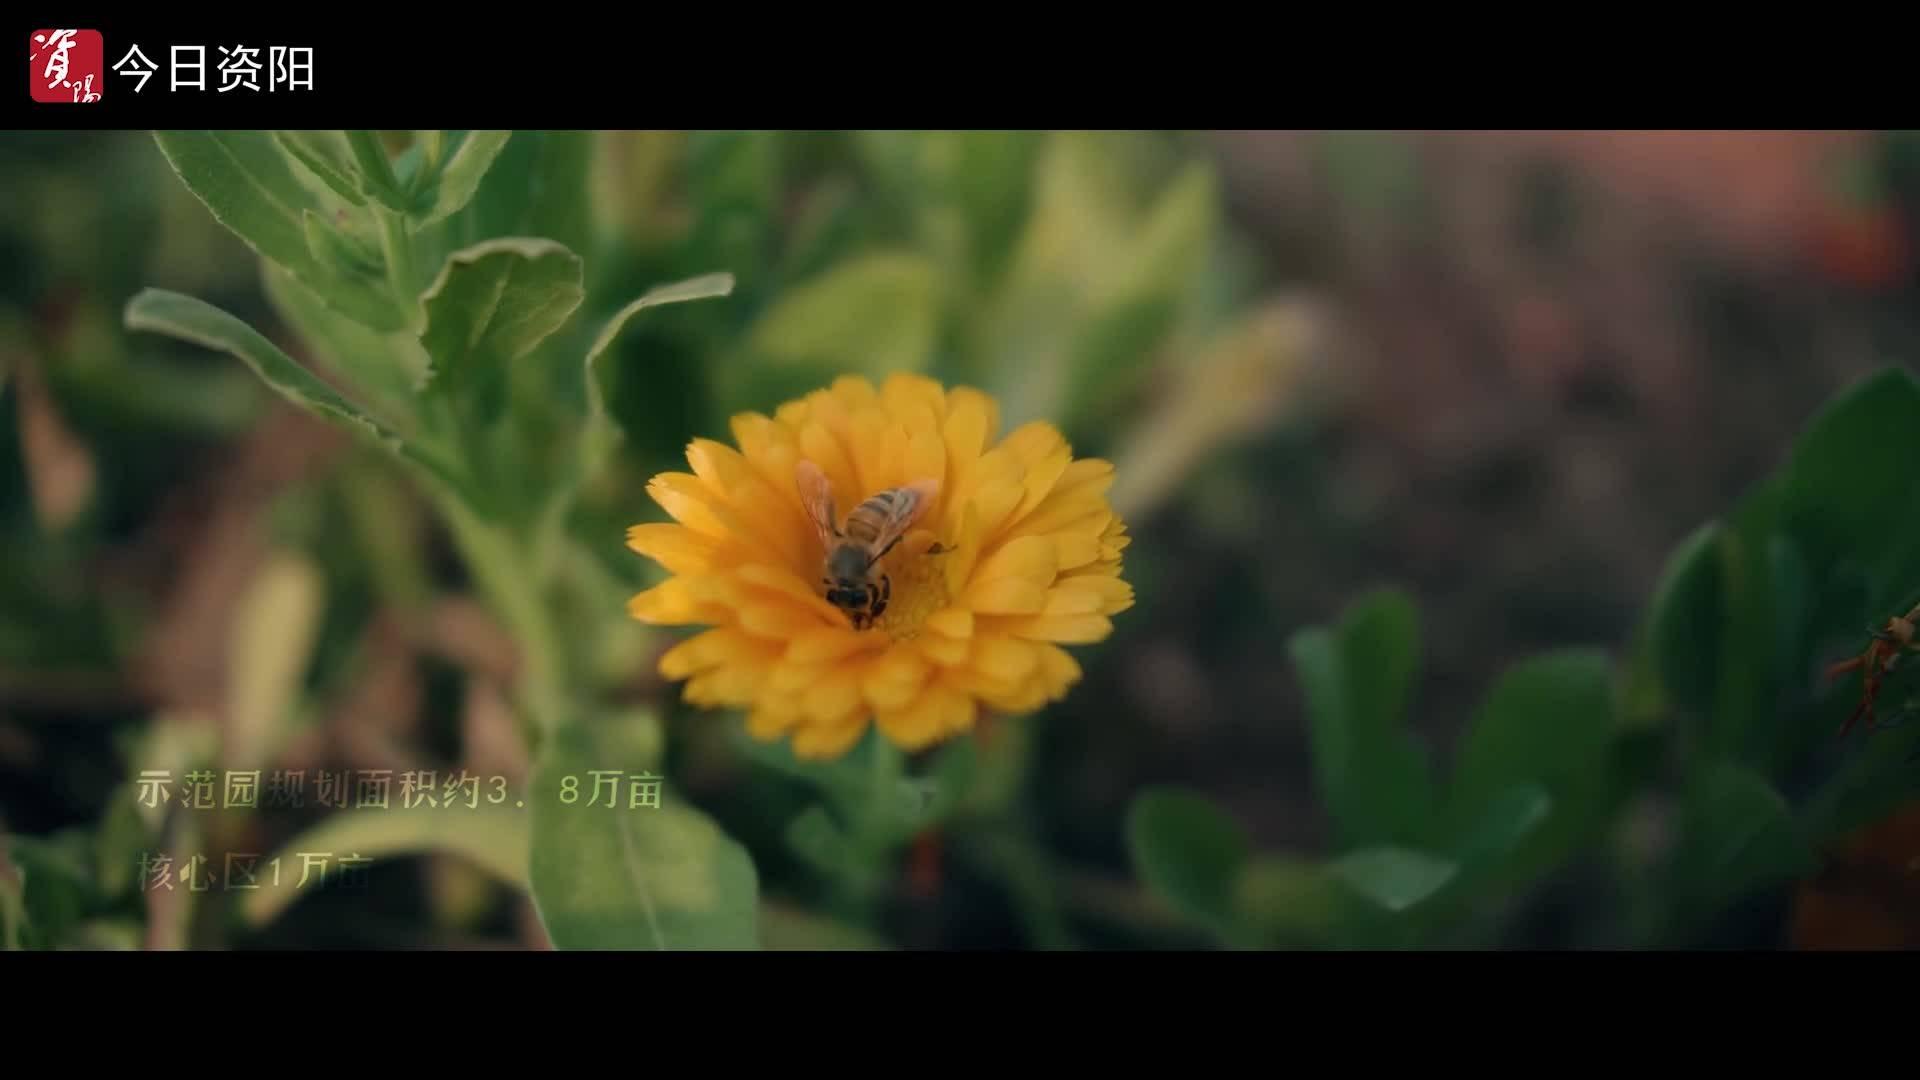 【视频】今看资阳·春||乐至产业园